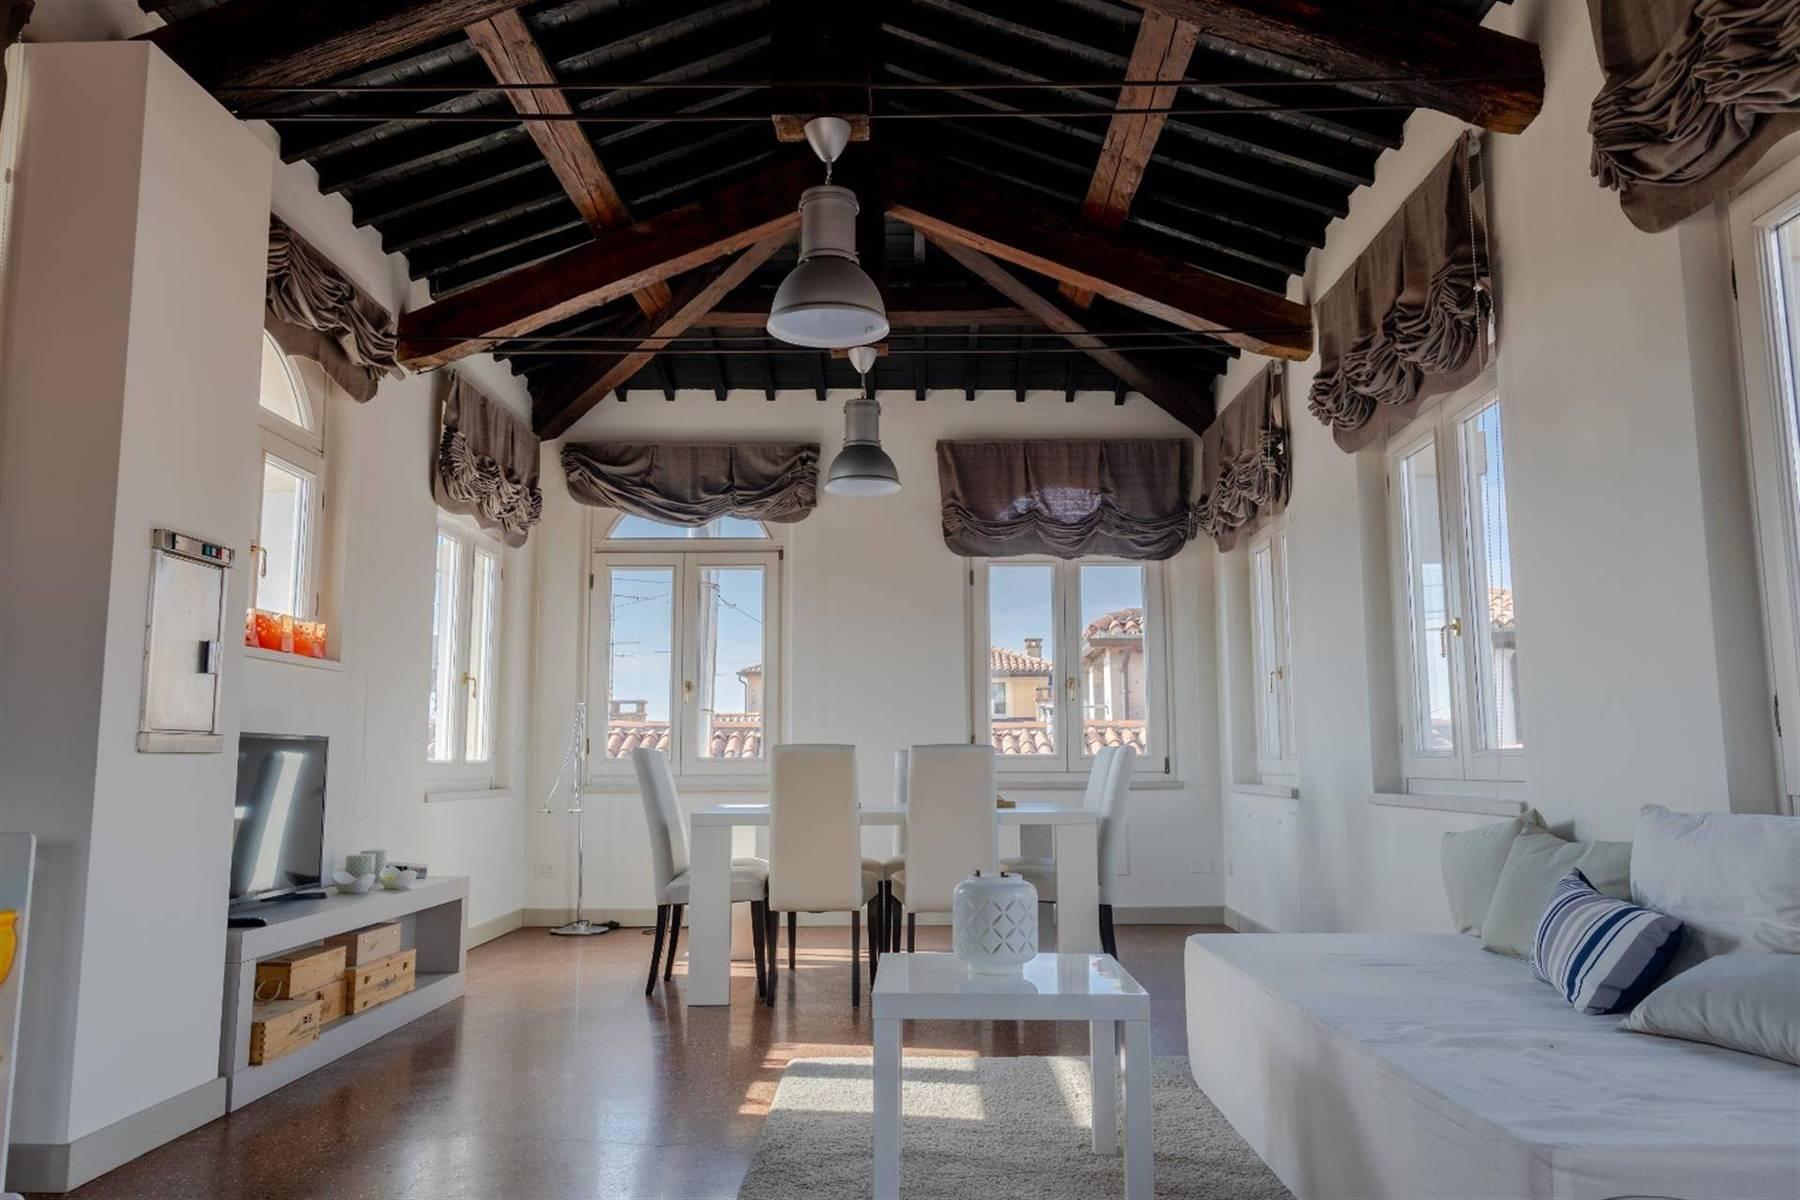 位于维罗纳(Verona)中心的典雅顶层公寓 - 1